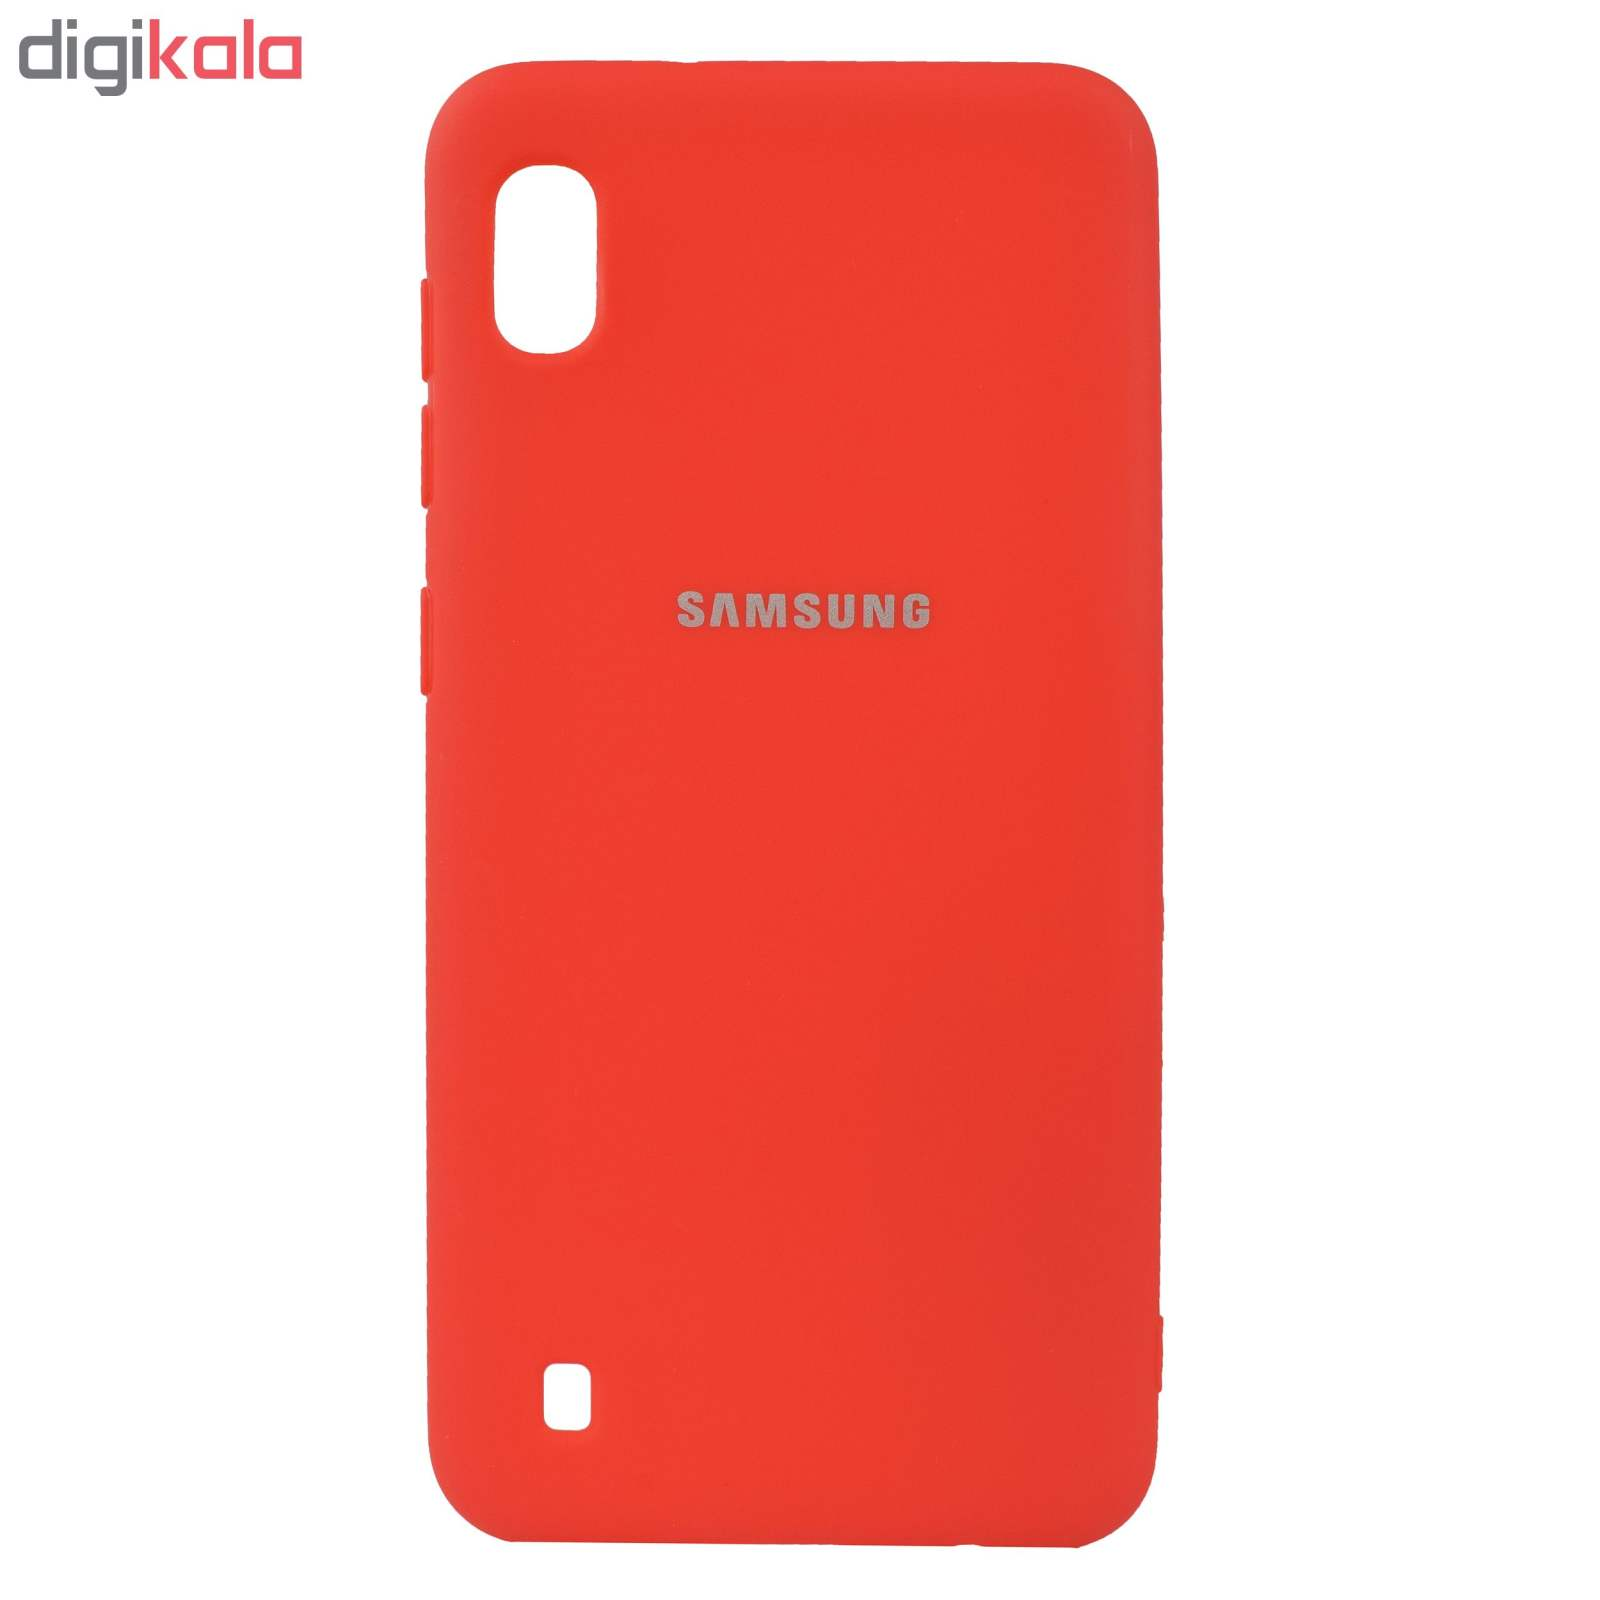 کاور مدل Sicomi مناسب برای گوشی موبایل سامسونگ Galaxy A10 main 1 3